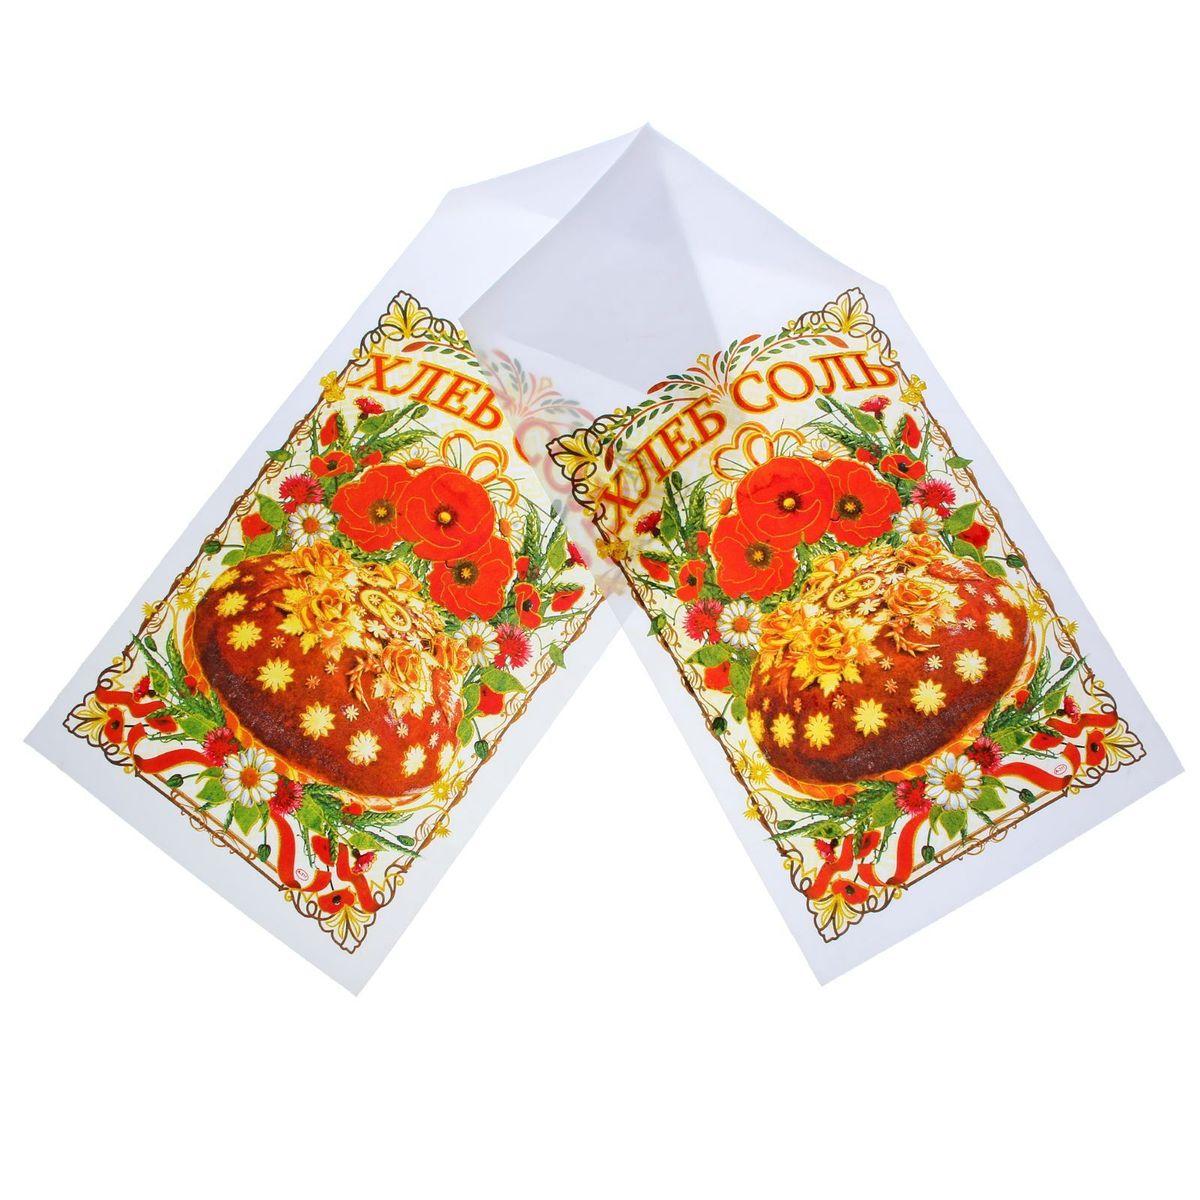 Рушник Sima-land Хлеб-соль, цвет: мульти, 150 х 36 см. 1134763NLED-454-9W-BKРушник  Хлеб-соль, 150 х 36 см предназначен для встречи родителями молодожёнов хлебом и солью и символизирует нерушимую связь двух любящих сердец.Этот традиционный сувенир оберегает от порчи и сглаза, приносит в дом мир и покой.Рушник изготовлен из ткани и украшен ярким орнаментом.Символические узоры, используемые для вышивания таких аксессуаров, означают:крест является символом света, солнца, счастья и добра;корона - божье благословение;пара голубей, павлинов, лебедей означает верную любовь и семейное счастье;ласточка - хорошие вести и крепкое хозяйство;дерево жизни - важный символ, обозначающий бесконечность и процветание рода, взаимосвязь поколений, традиции семьи;веночки вышивают незамкнутыми, так как они означают жизненный путь;роза - красота, любовь, процветание; если с бутонами, то пожелание иметь детей;лилия - невинность, женская красота и чистота, обычно изображается с бутонами и листьями, что означает молодую семью, продолжение жизни в детях;мак - сохранение и продолжение рода, защита от зла, благополучие;дуб - мужской символ, обозначающий силу, энергию, жизненную стойкость;калина - дерево бесконечности рода, выносливости и надежды, символ женской верности, здоровья и красоты;виноград - символ плодовитости, трудолюбия, достатка, радости создания семьи.